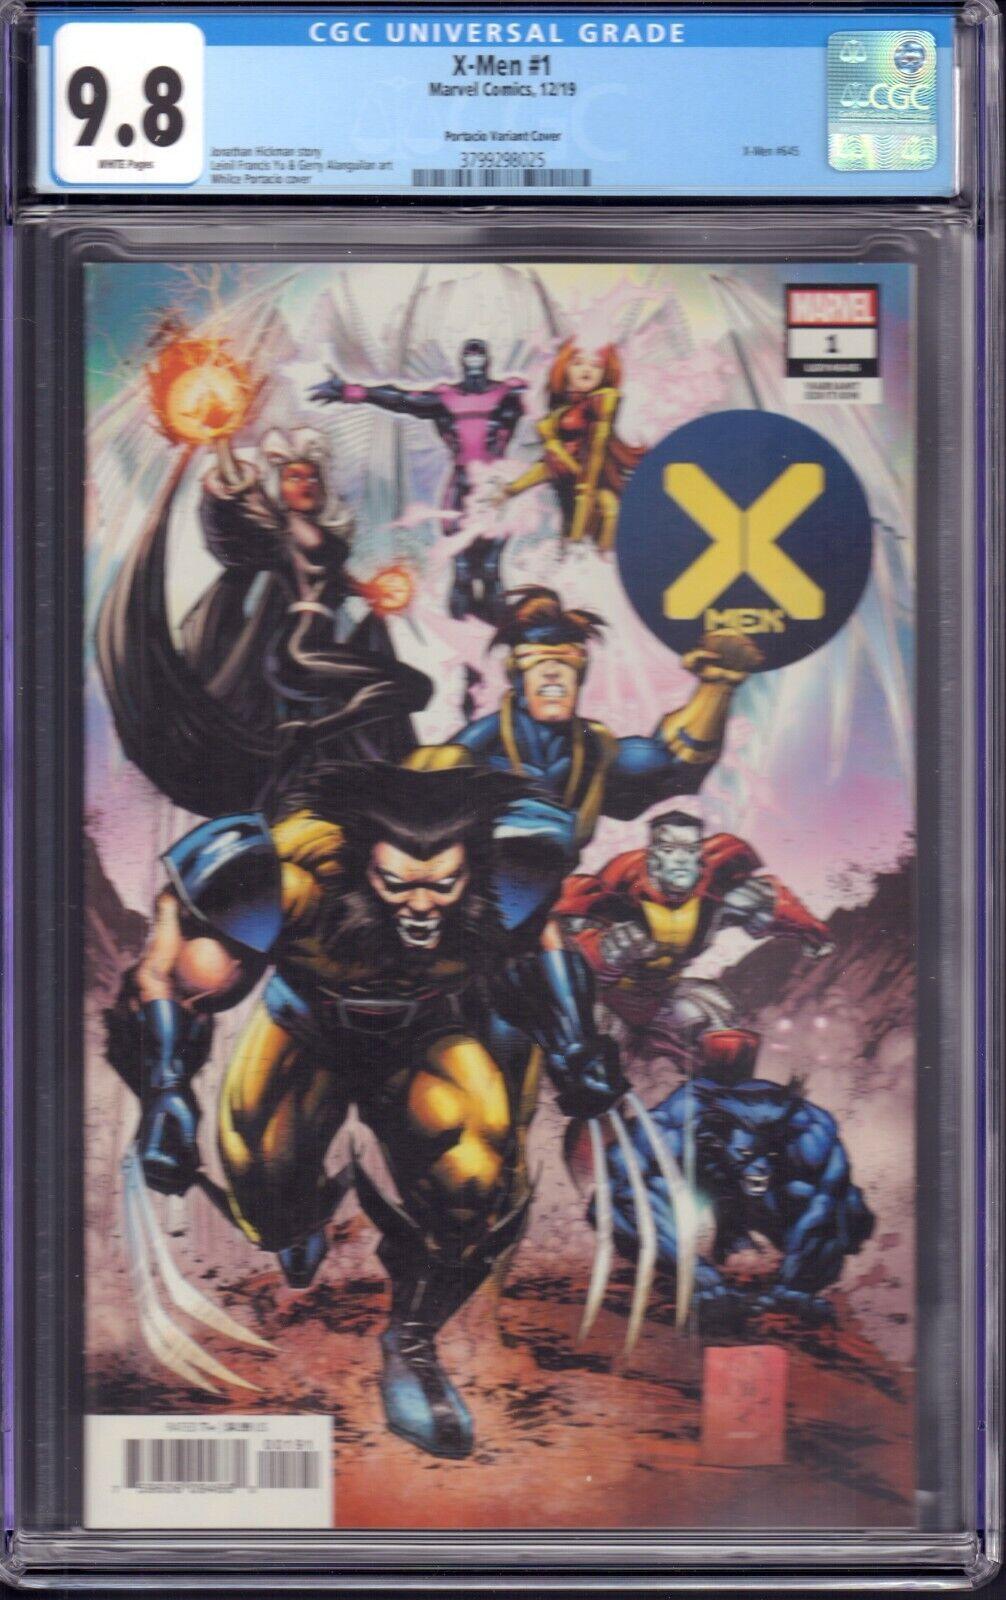 X-Men 1 Marvel Comics, 2019 CGC 9.8 Portacio Variant Cover - $44.99